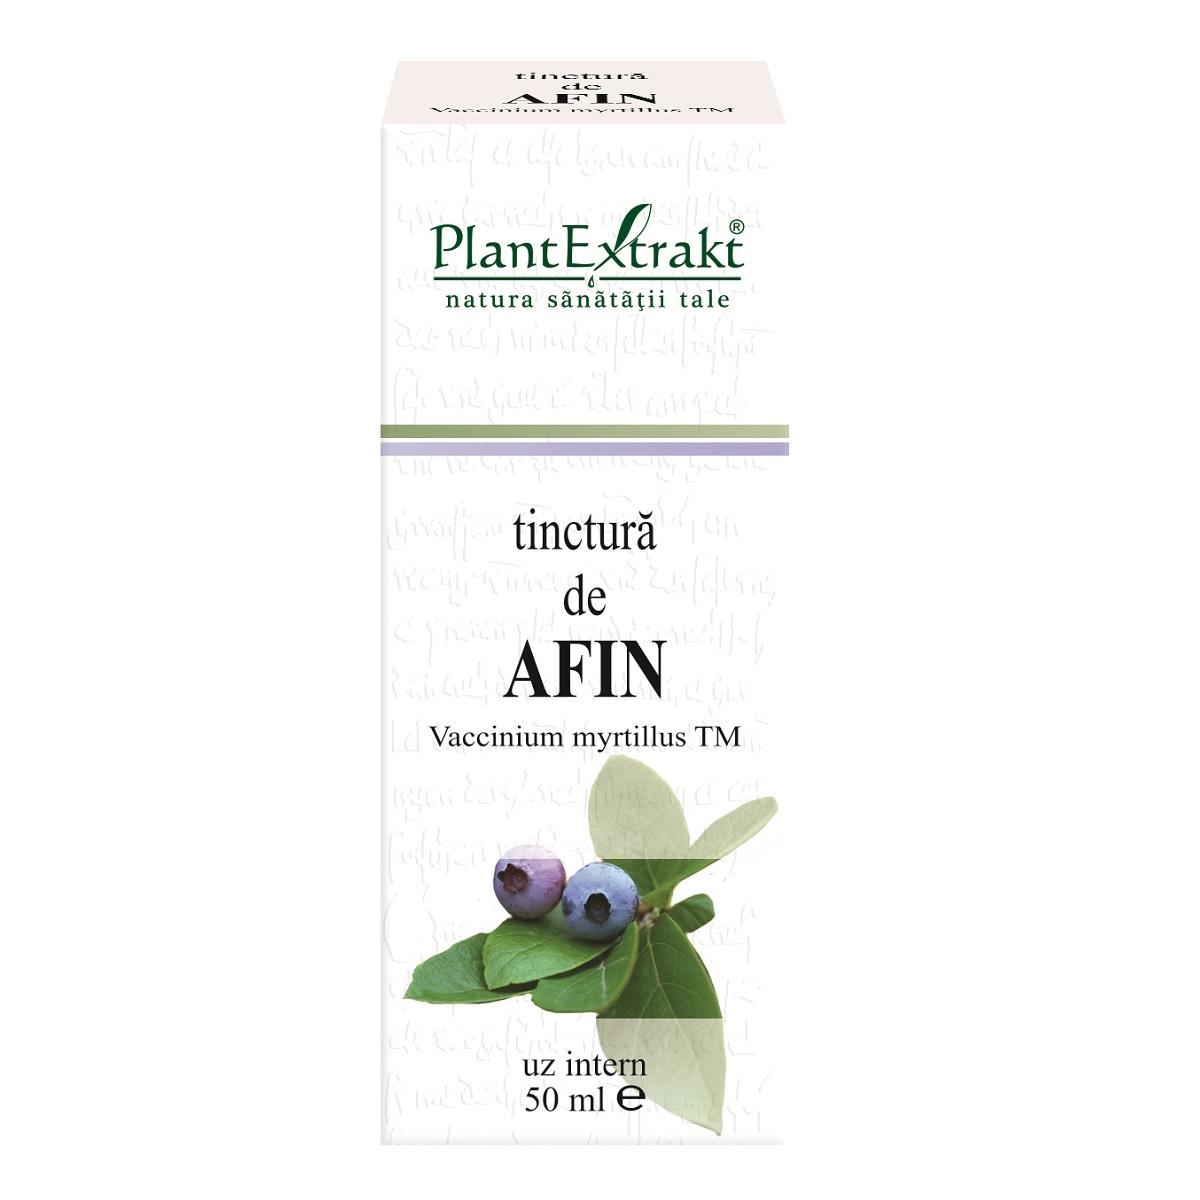 Tinctură de Afin, 50 ml, Plant Extrakt